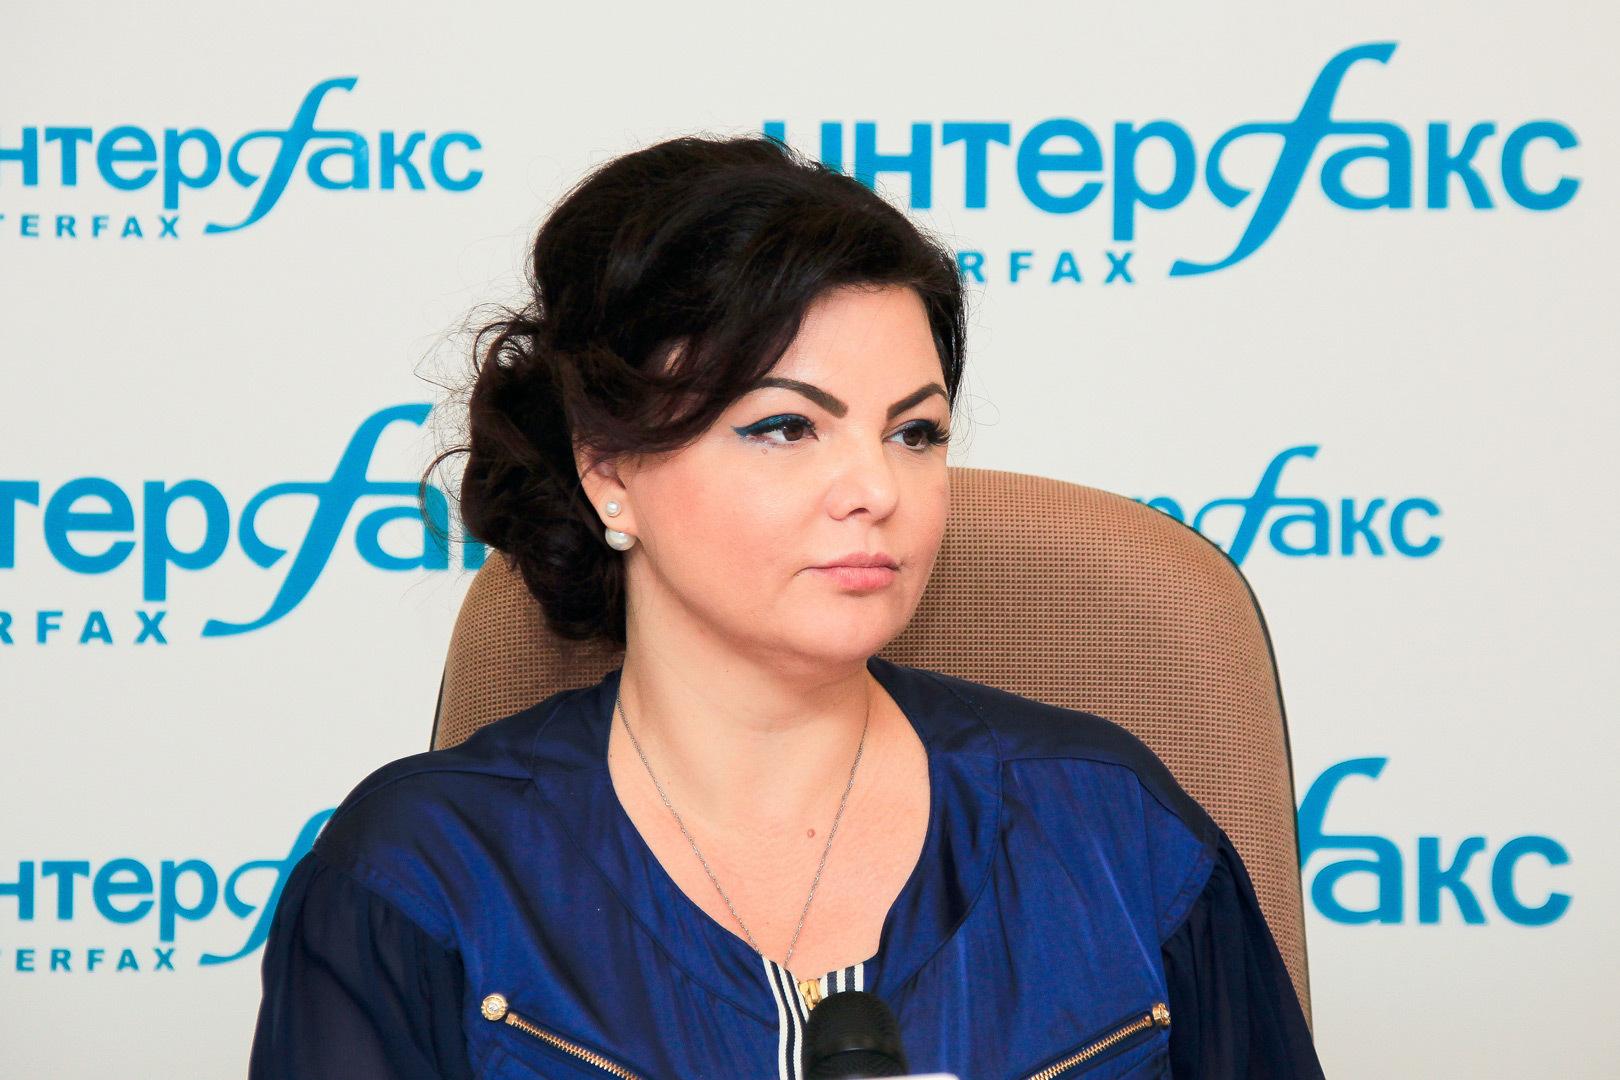 Первый заместитель председателя Комитета ГД по жилищной политике и ЖКХ Елена Николаева.